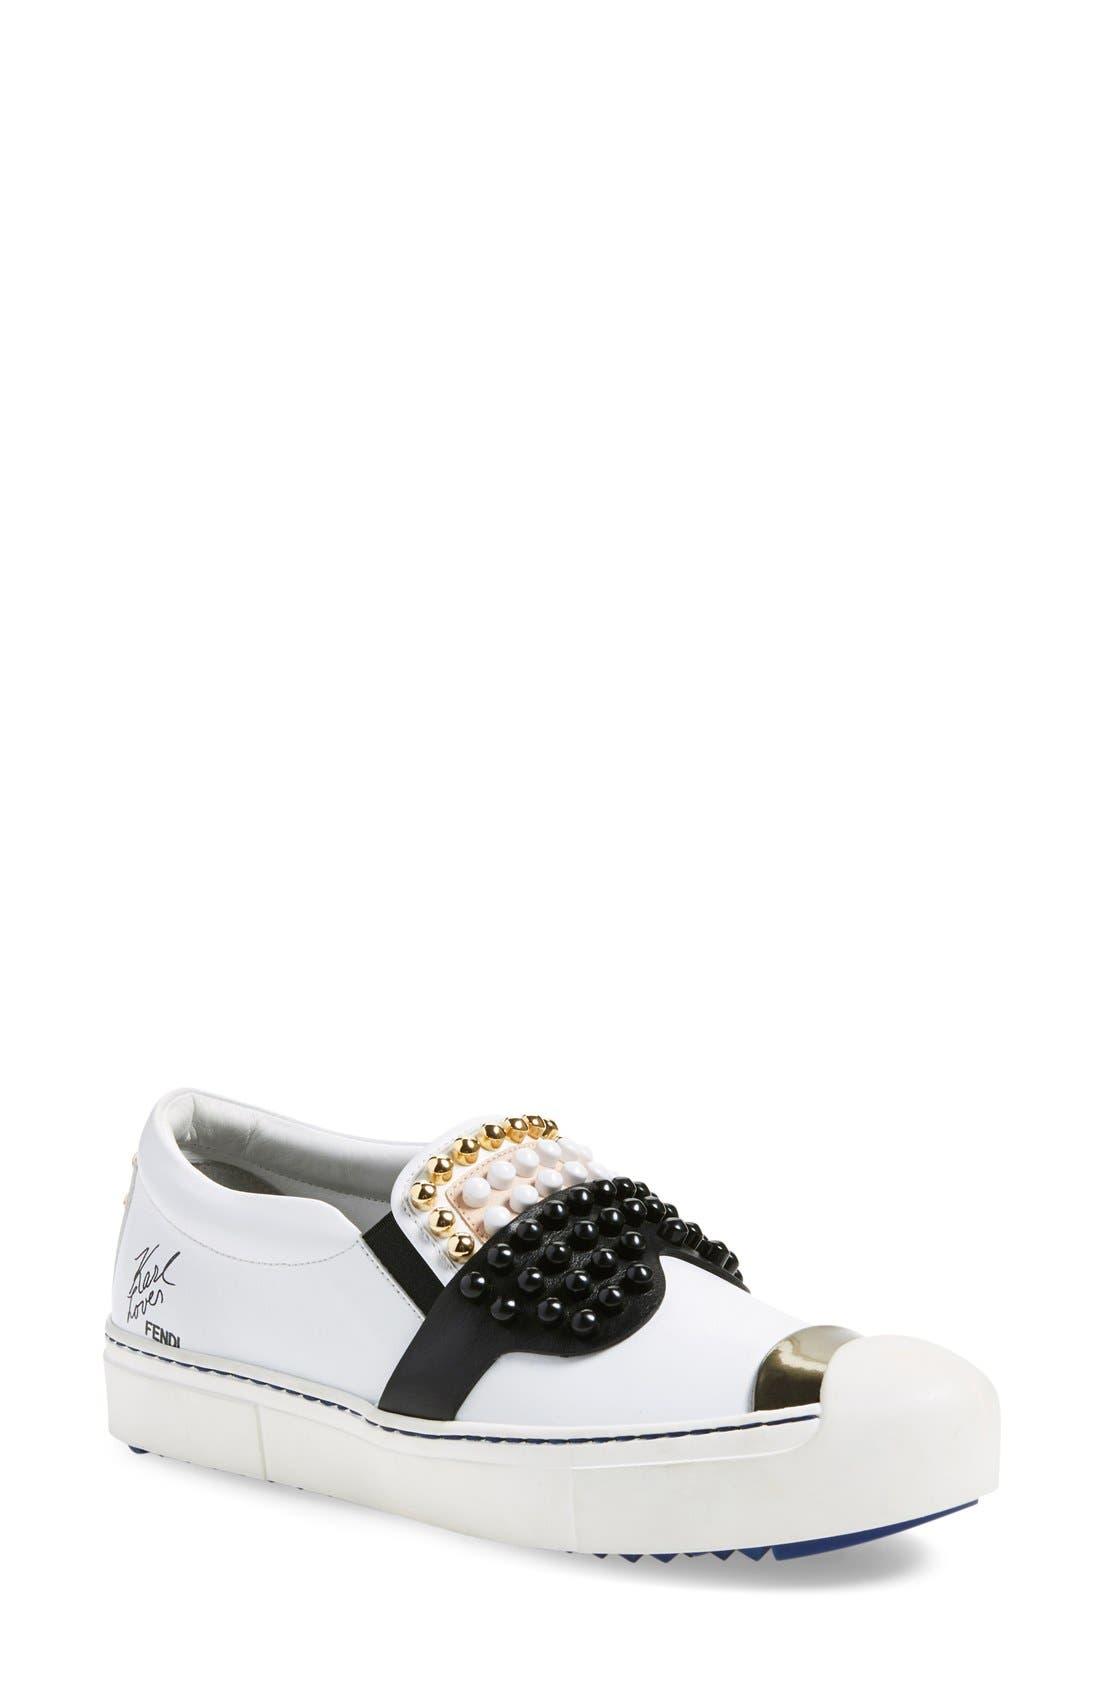 Main Image - Fendi 'Karlito' Slip-On Sneaker (Women)